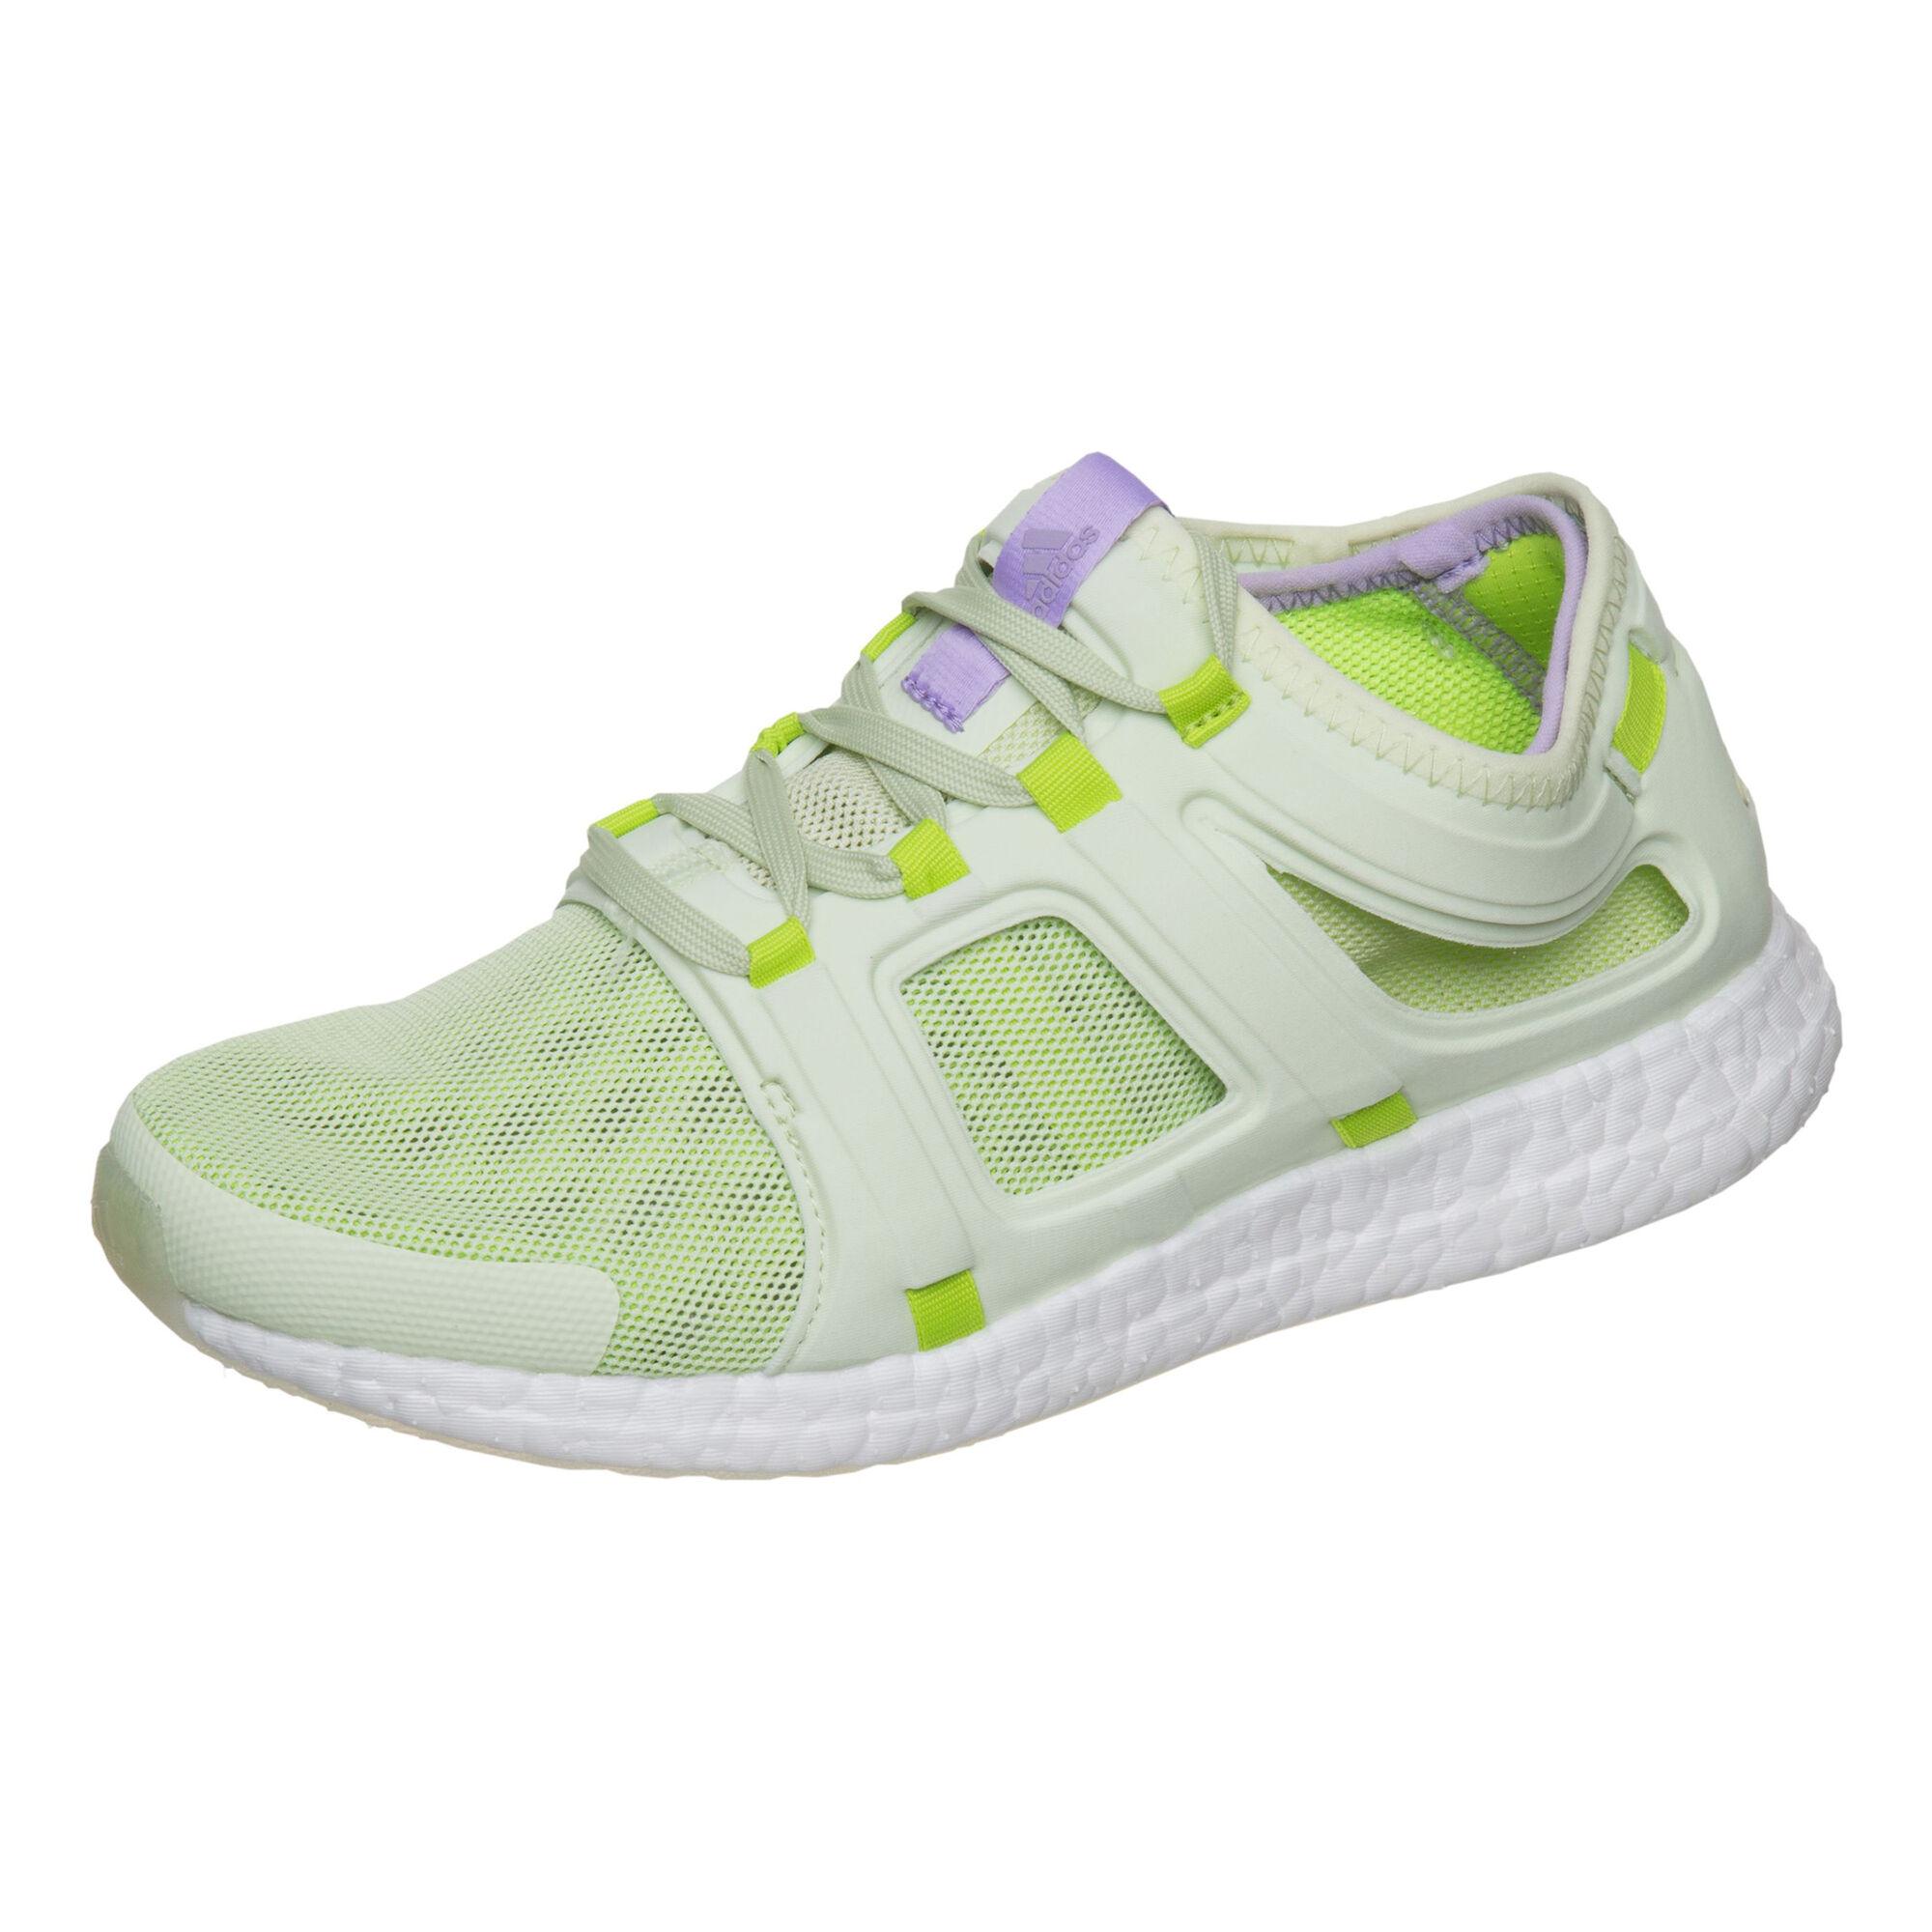 separation shoes 9da2f 7879c adidas  adidas  adidas  adidas  adidas  adidas  adidas  adidas  adidas   adidas. CC Rocket Boost Women ...